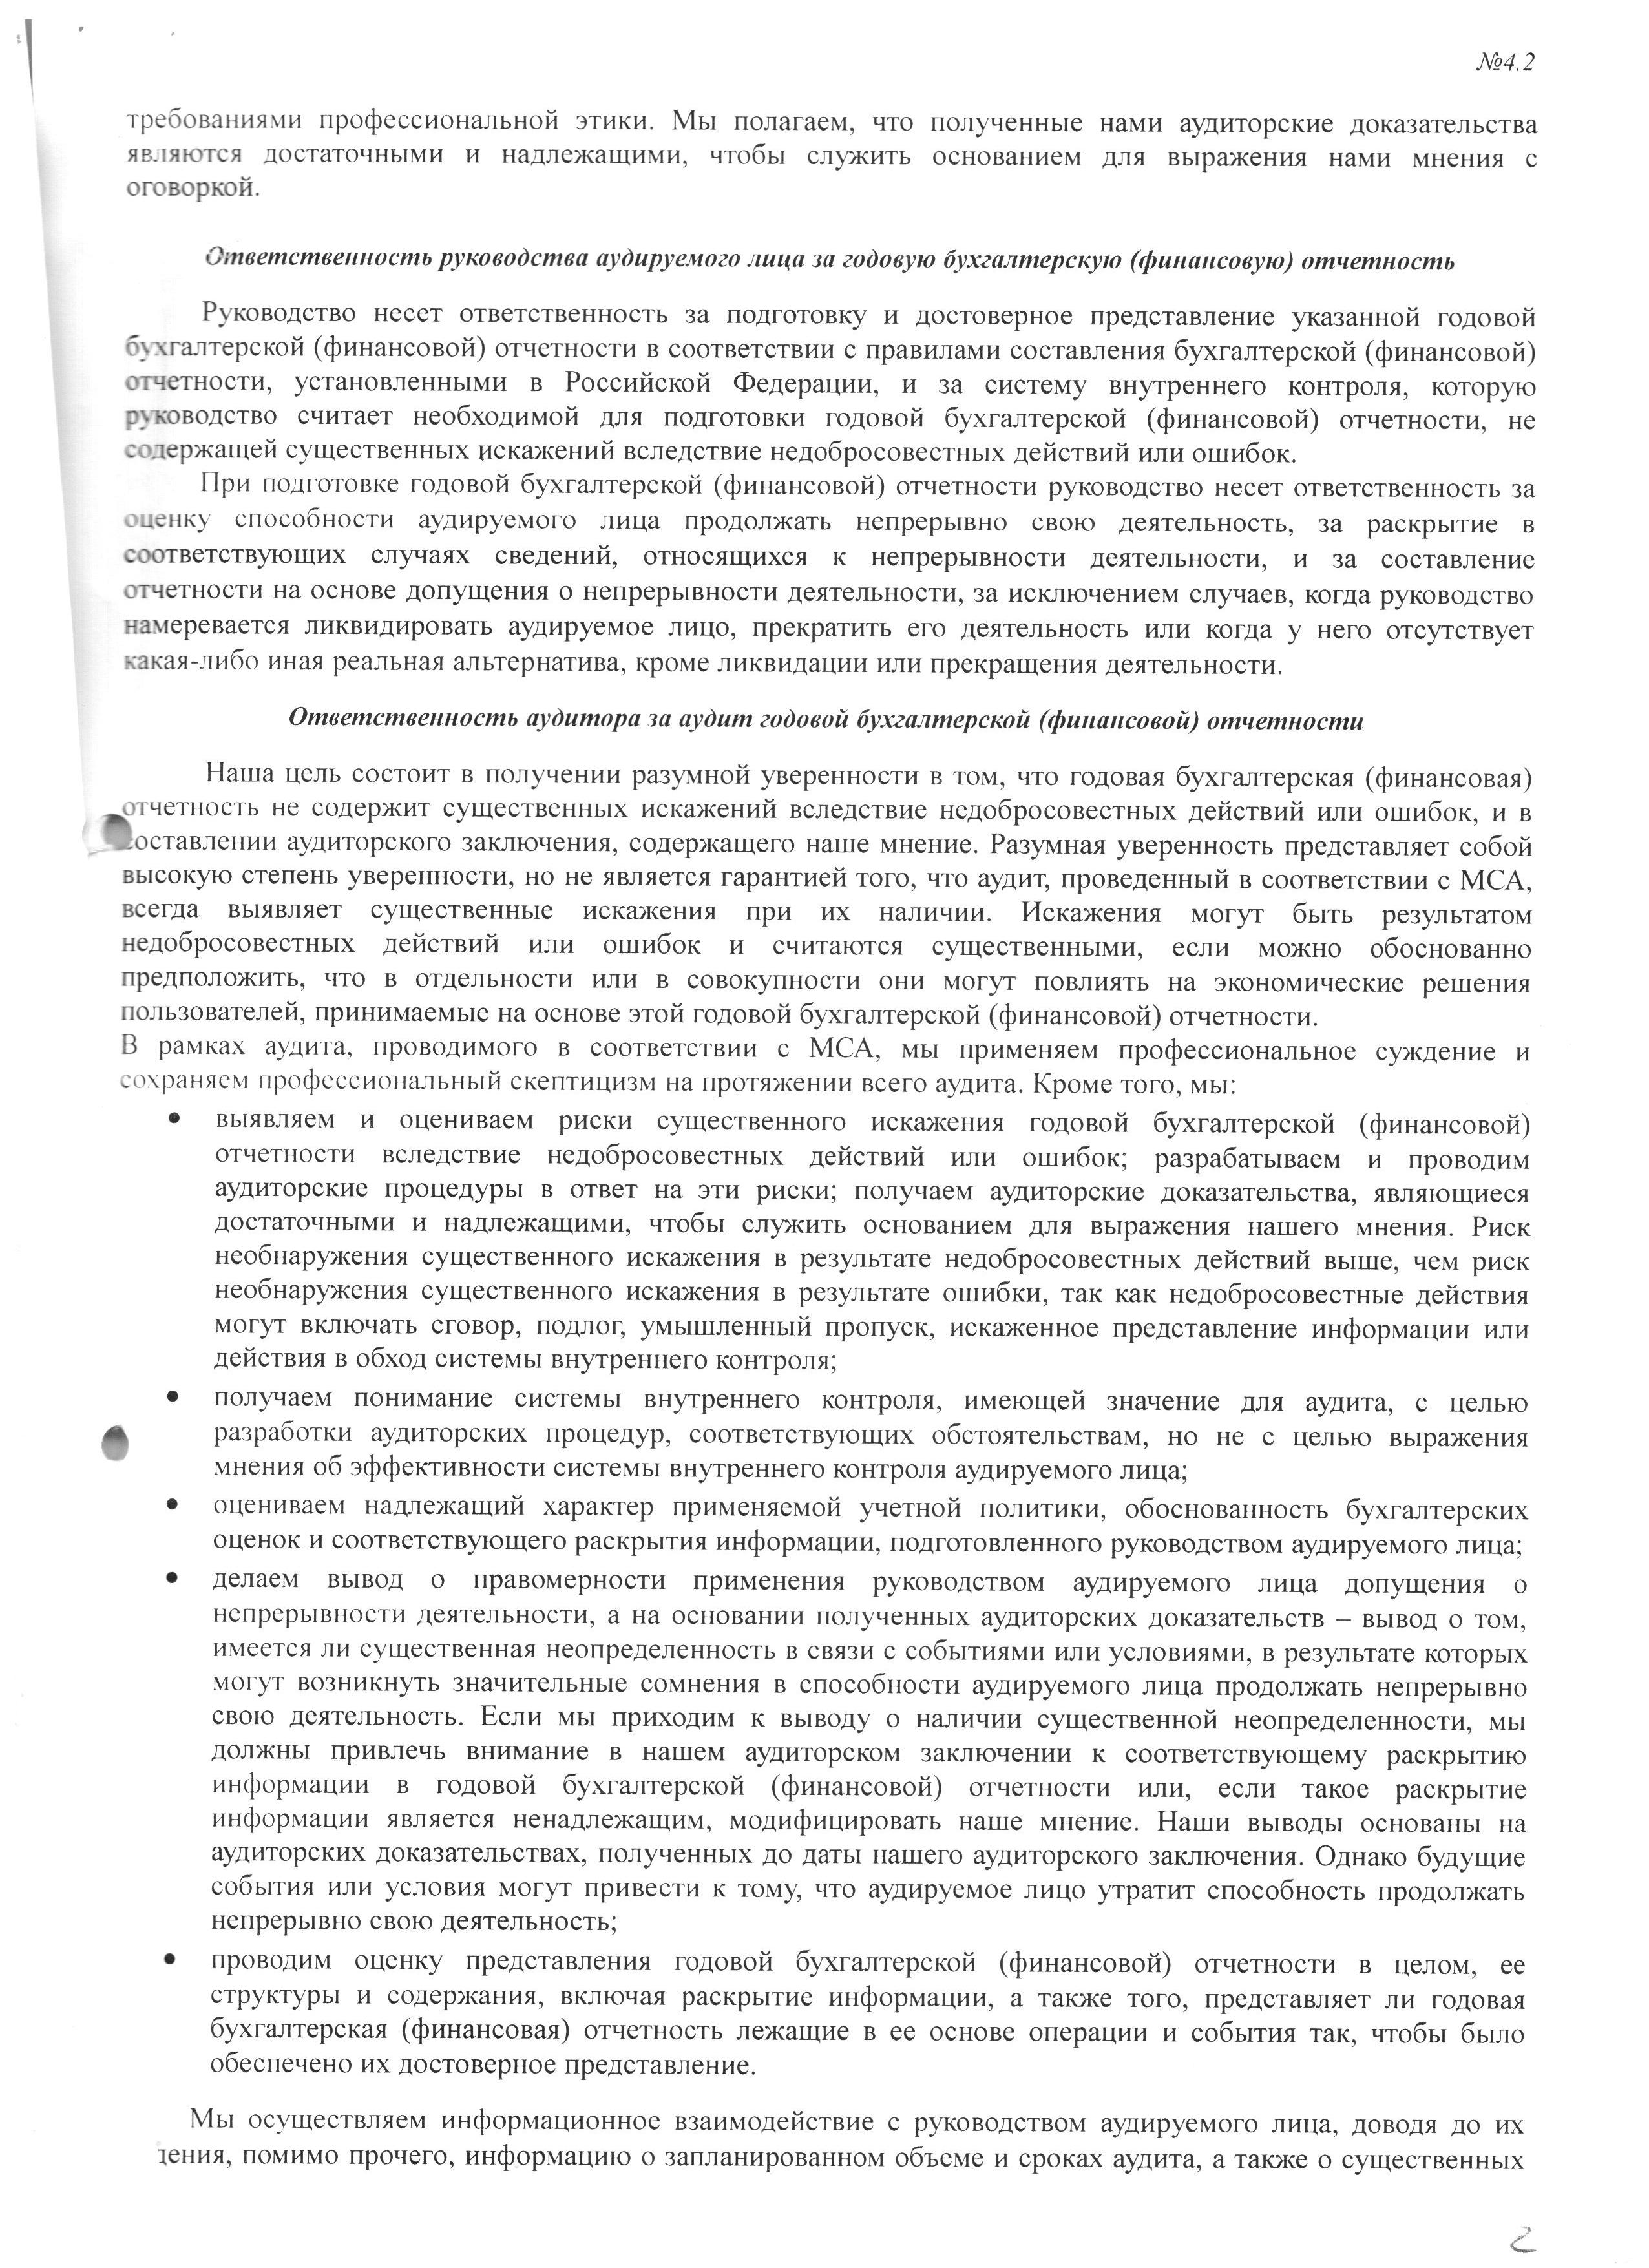 АудитКД2016 002